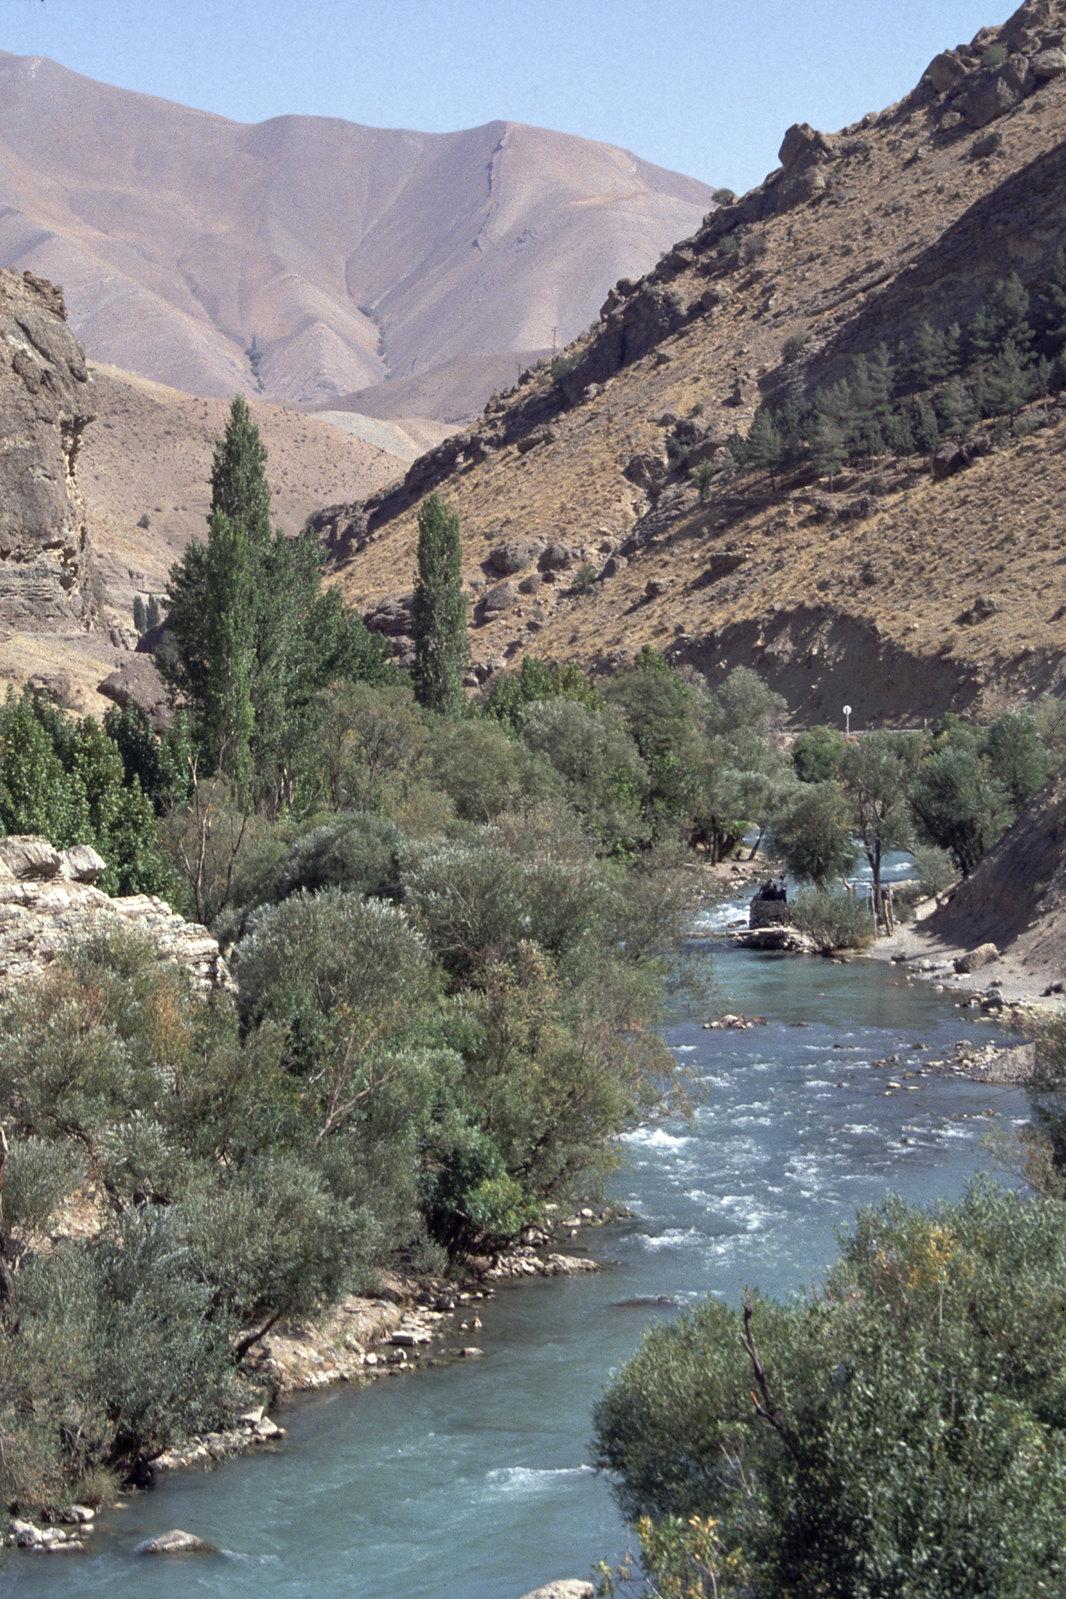 Road trip en Iran - L'heure de la sieste